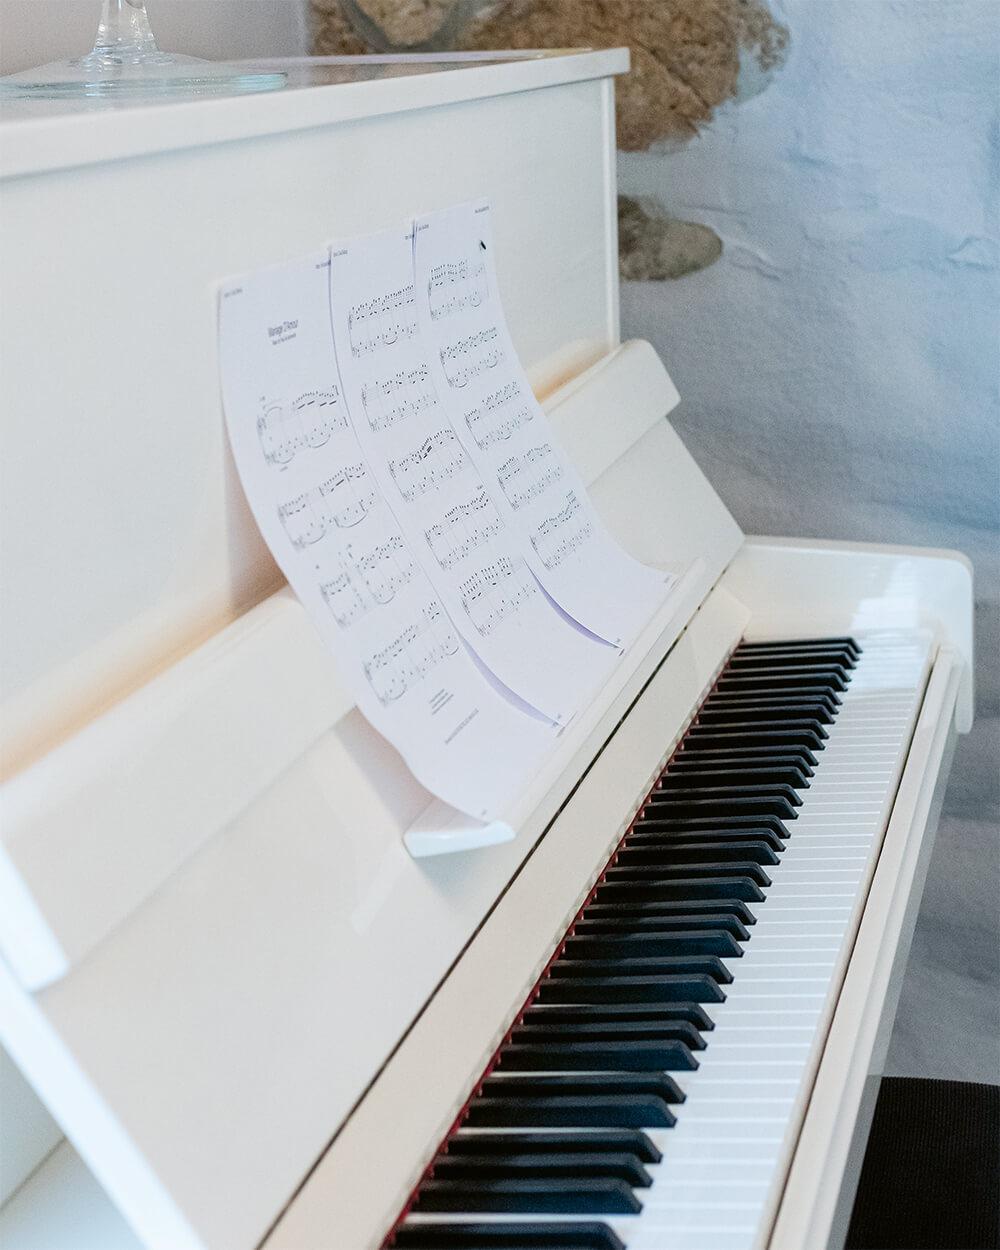 Food & Specials - Piano